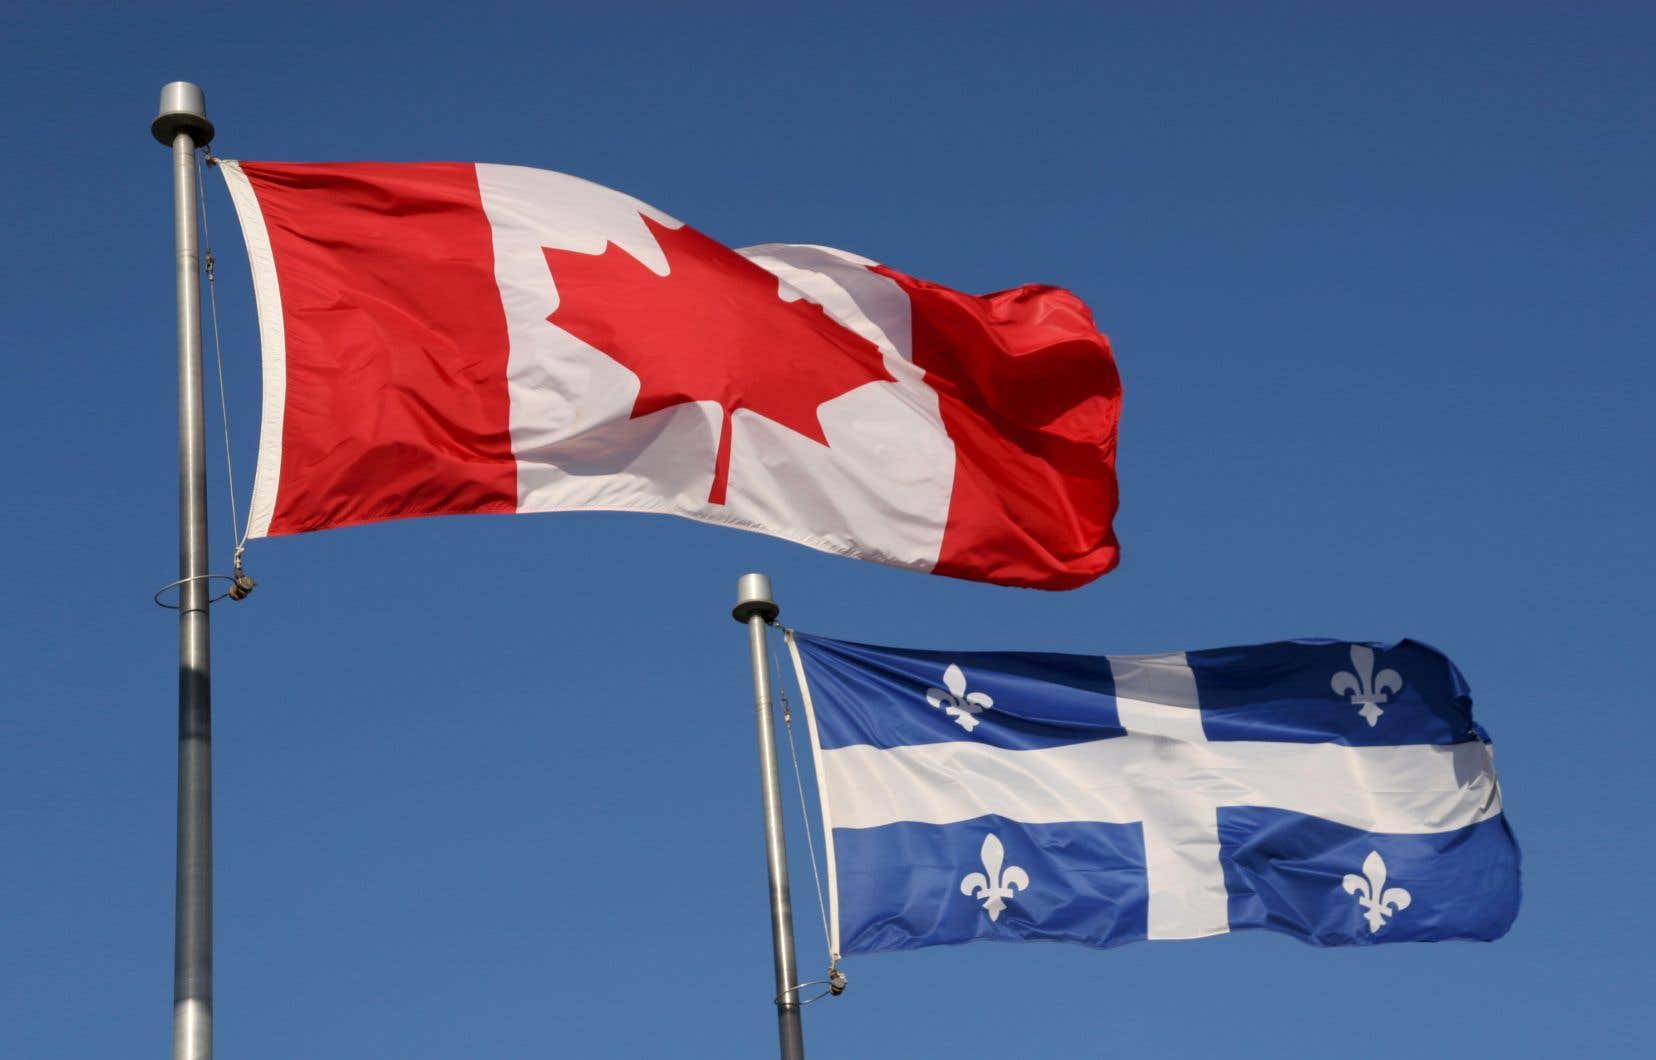 Le rôle des députés fédéraux, affirme l'auteure, est de permettre que la voix du Québec soit entendue au sein du Parlement canadien.